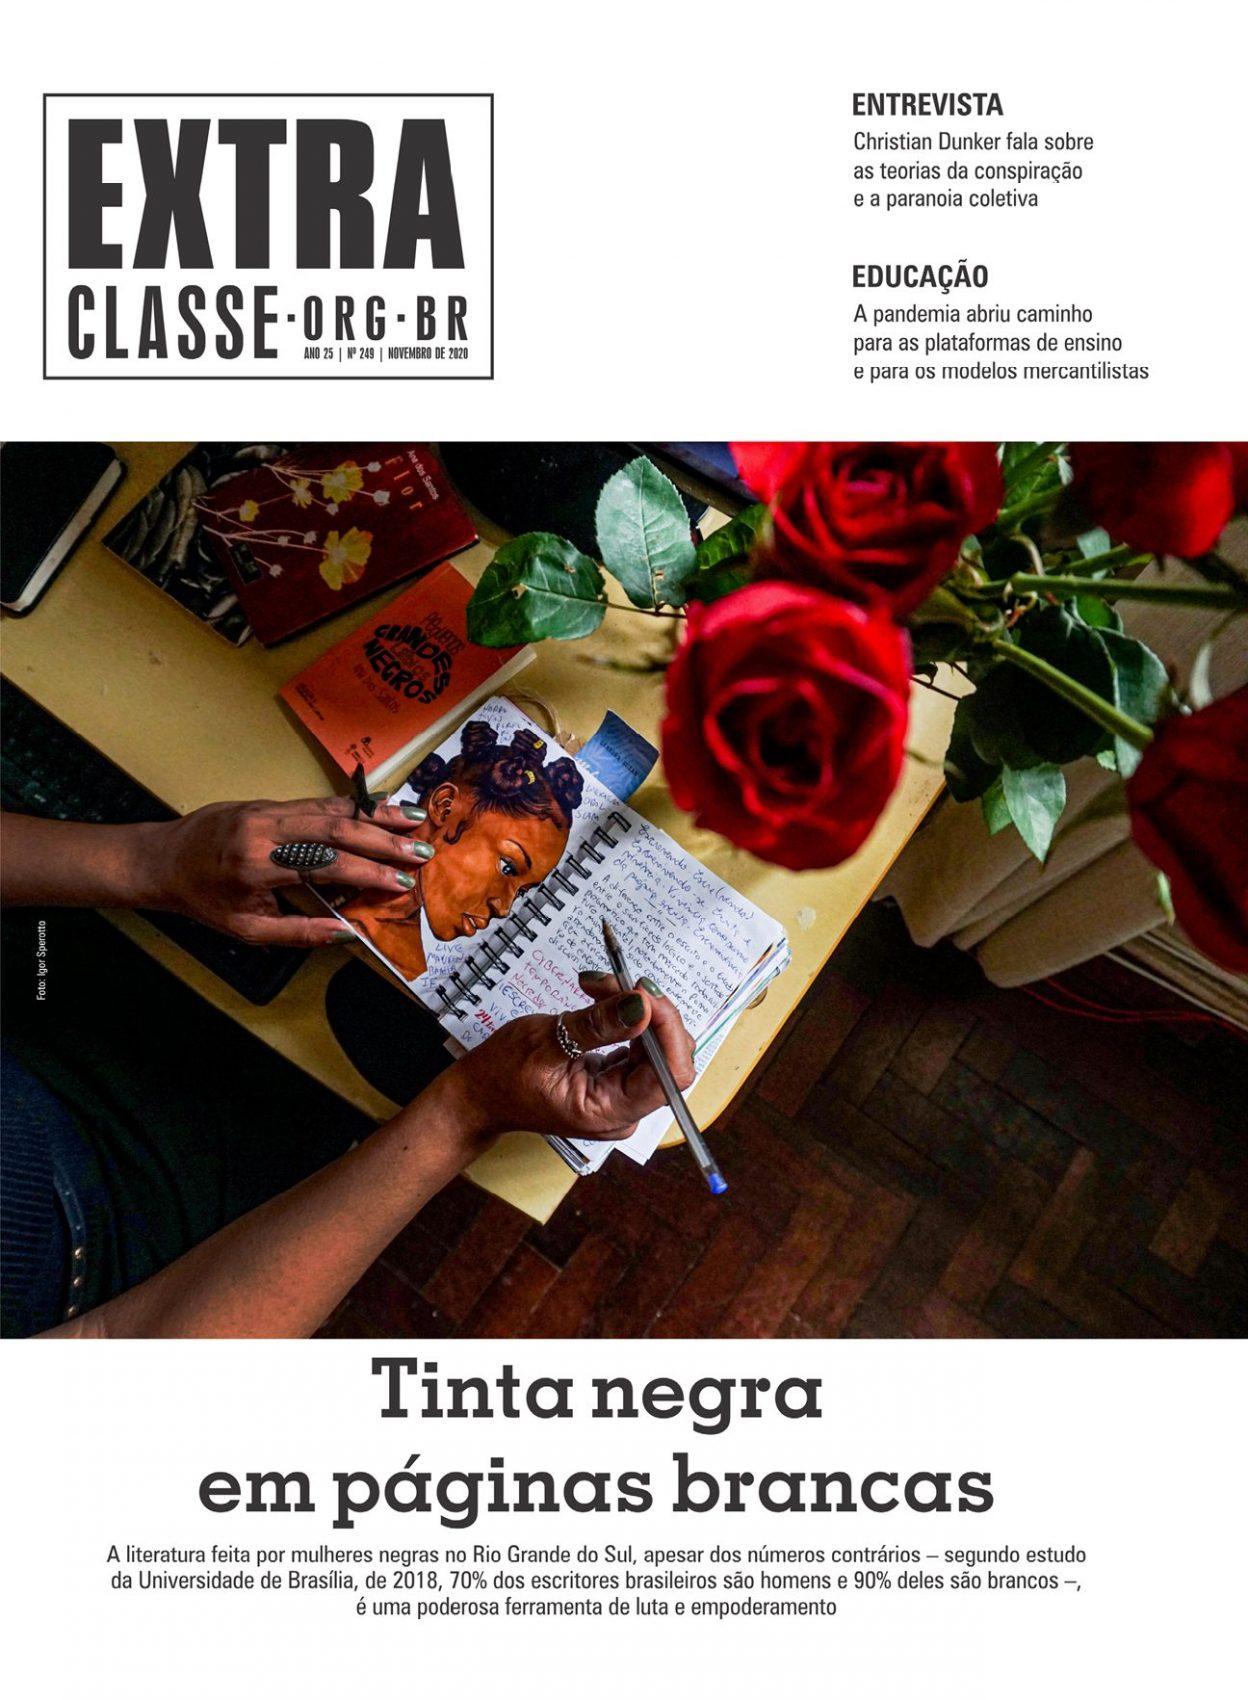 Extra Classe Nº 249 | Ano 25 | NOV 2020